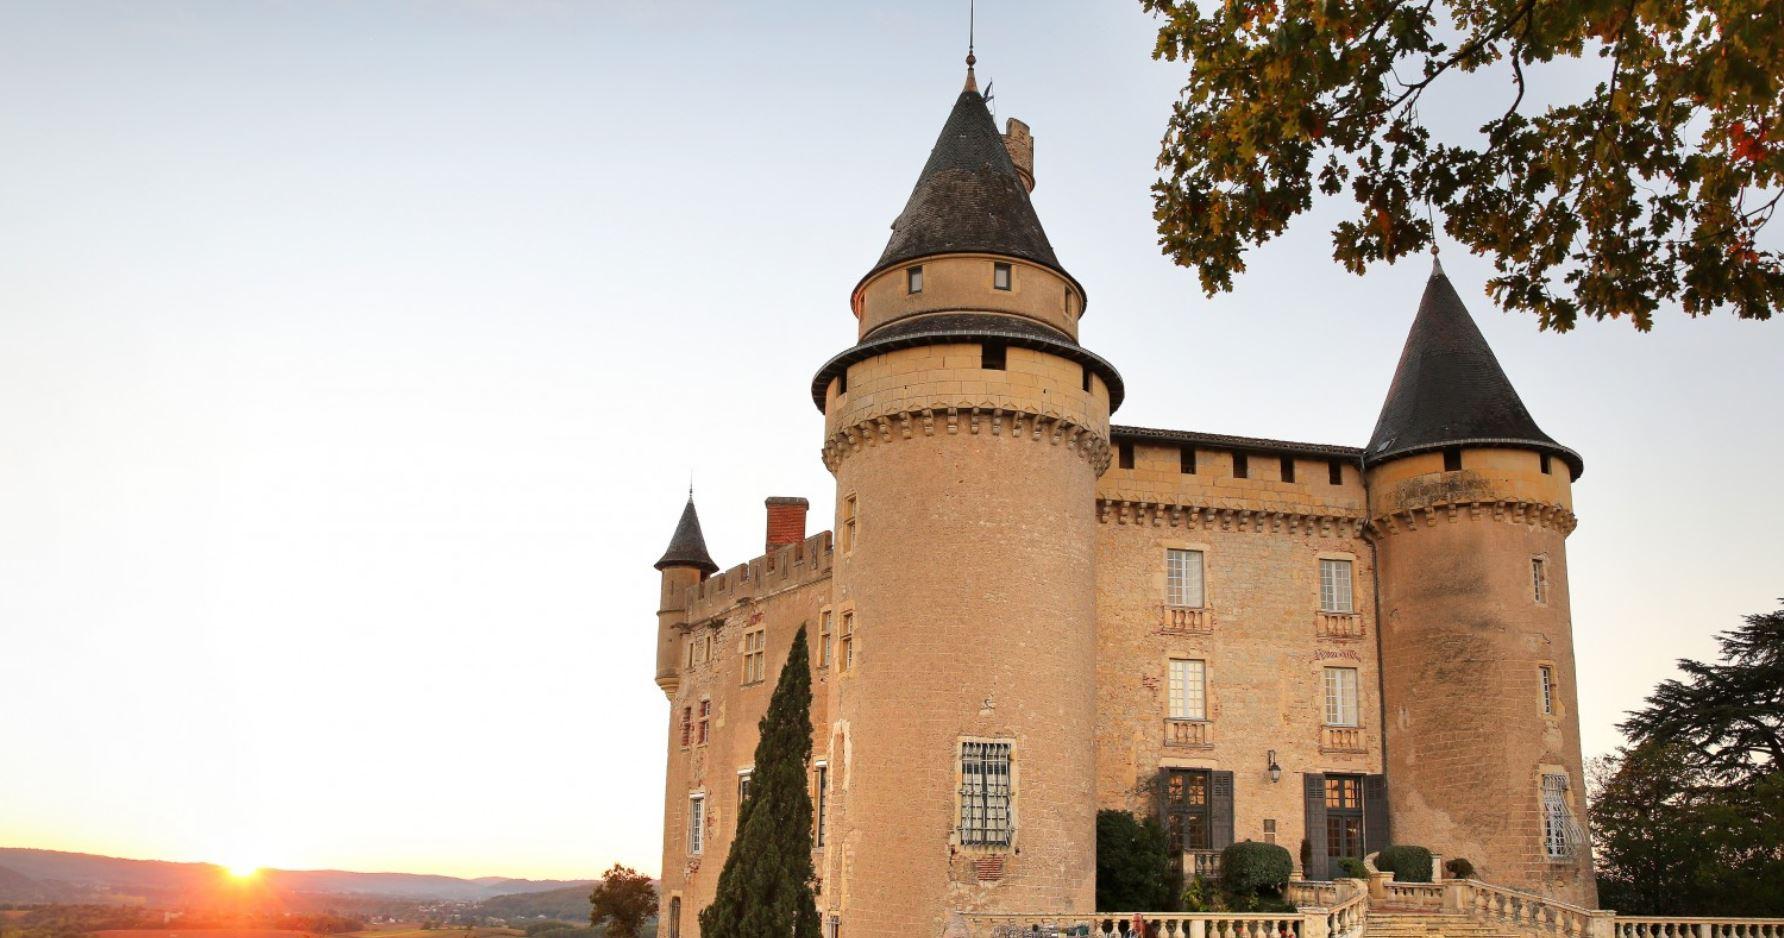 The impressive Chateau de Mercues played host to my foray into le douceur vivre